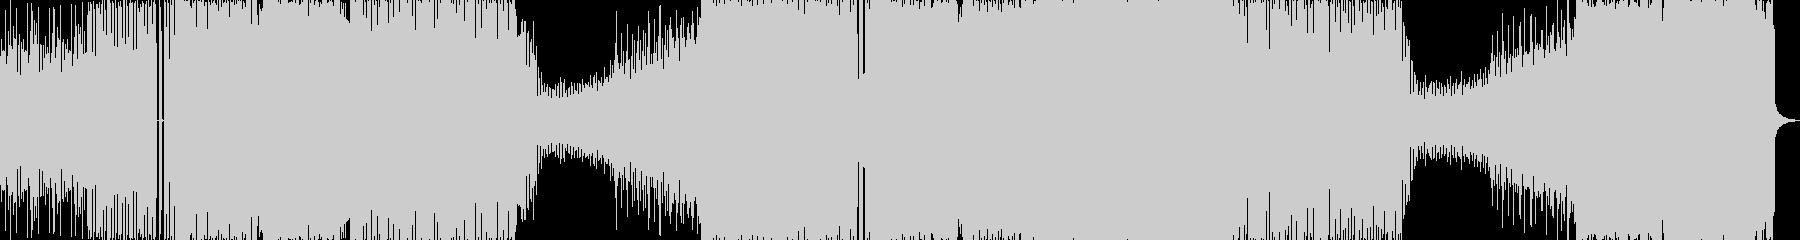 ドラマチックな展開のEDM系インストの未再生の波形